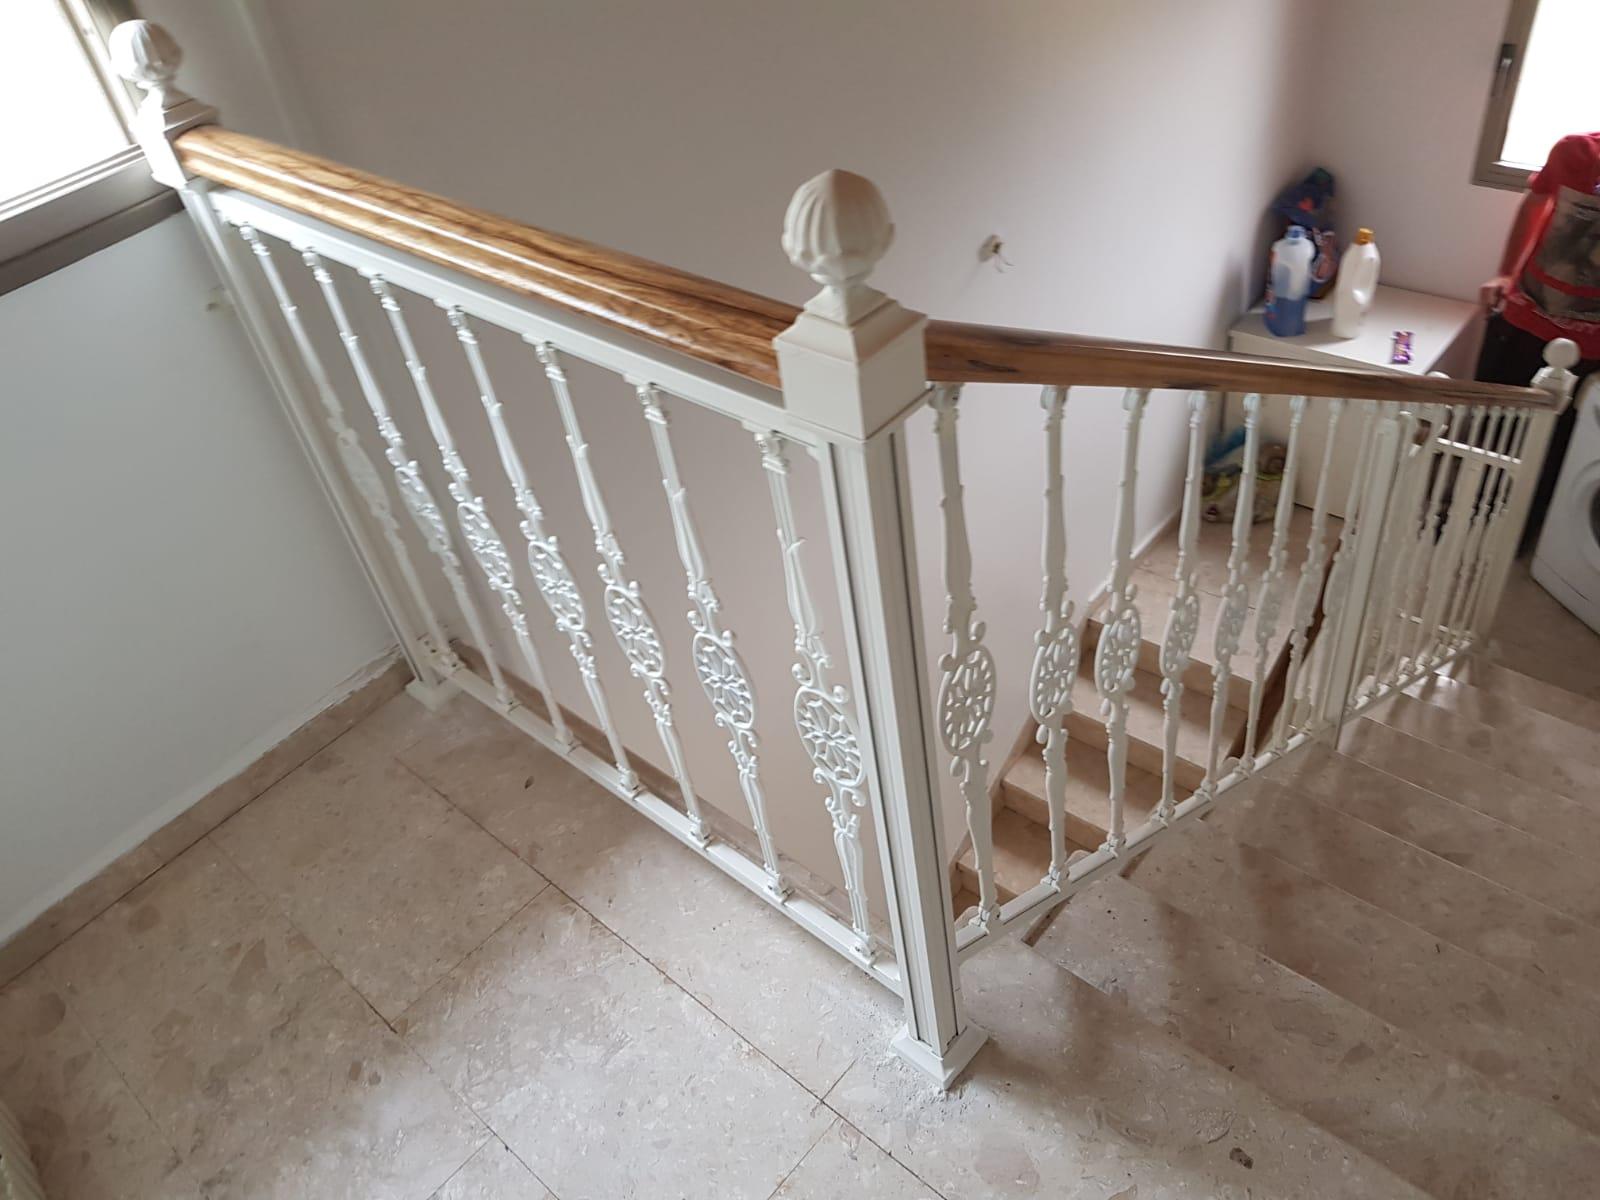 מעקה מדרגות אלומיניום בצבע לבן בשילוב עץ